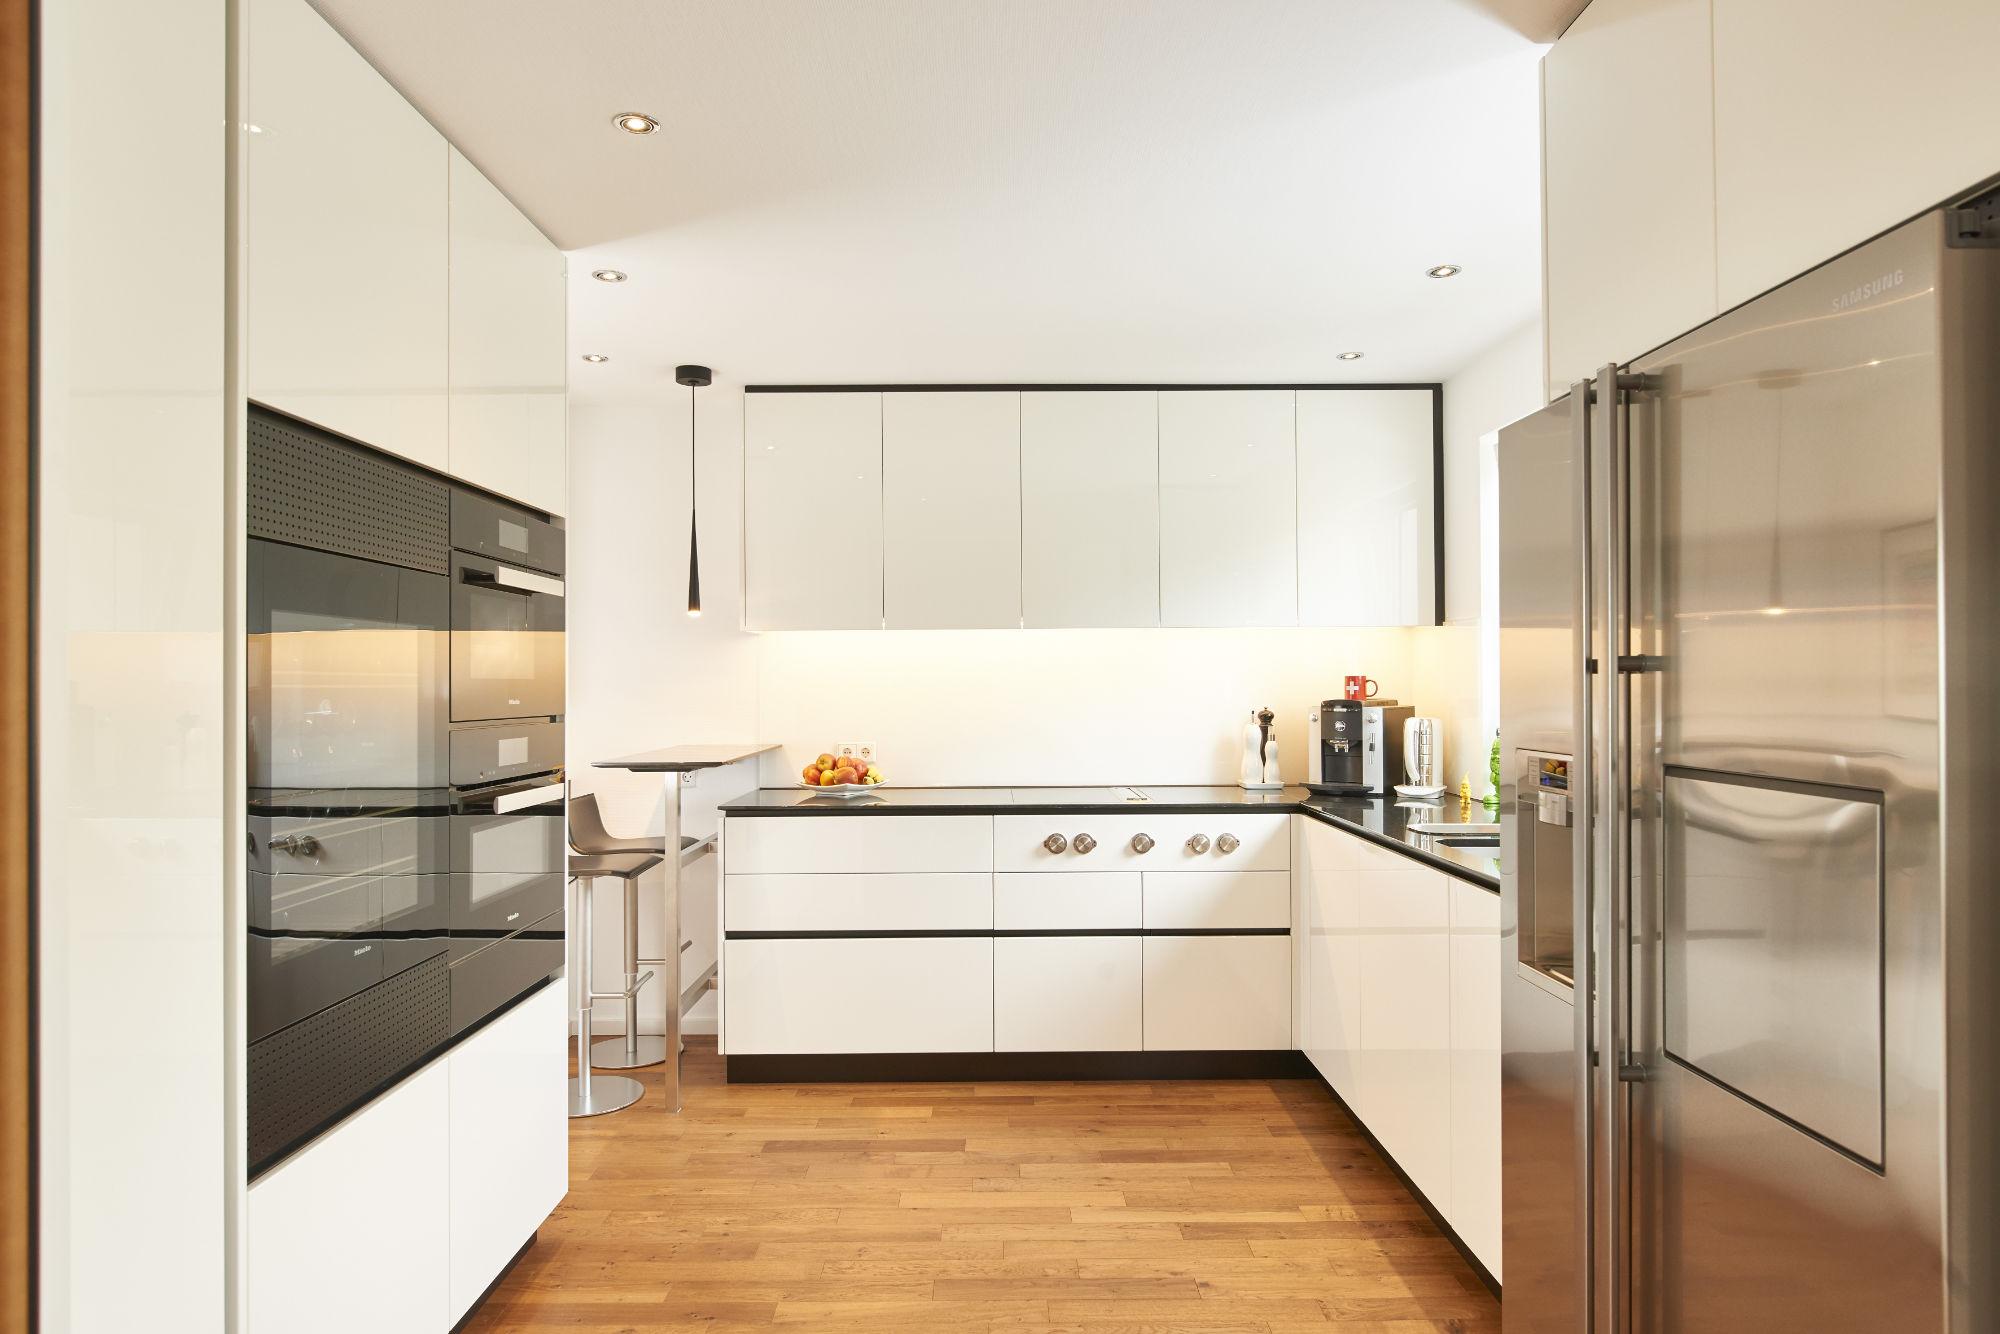 Küche Mit Weinkühlschrank